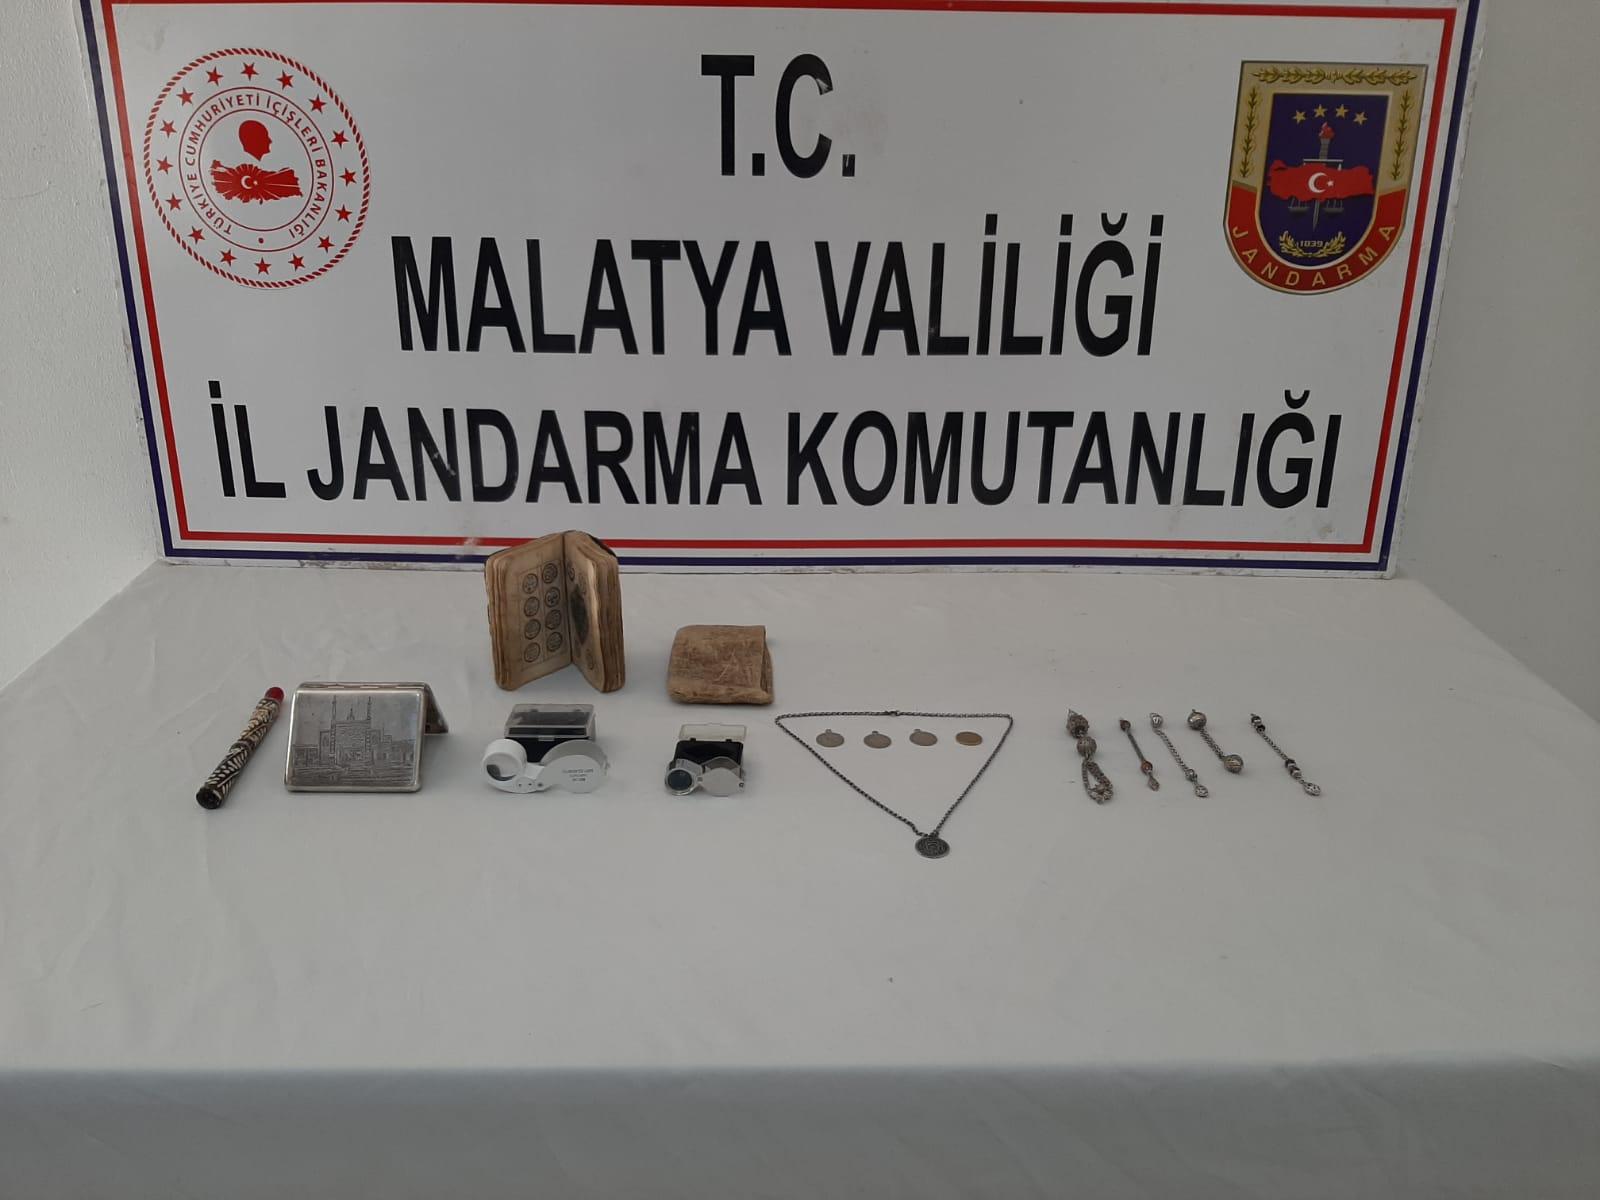 Malatya'da tarihi eser operasyonu: 2 gözaltı